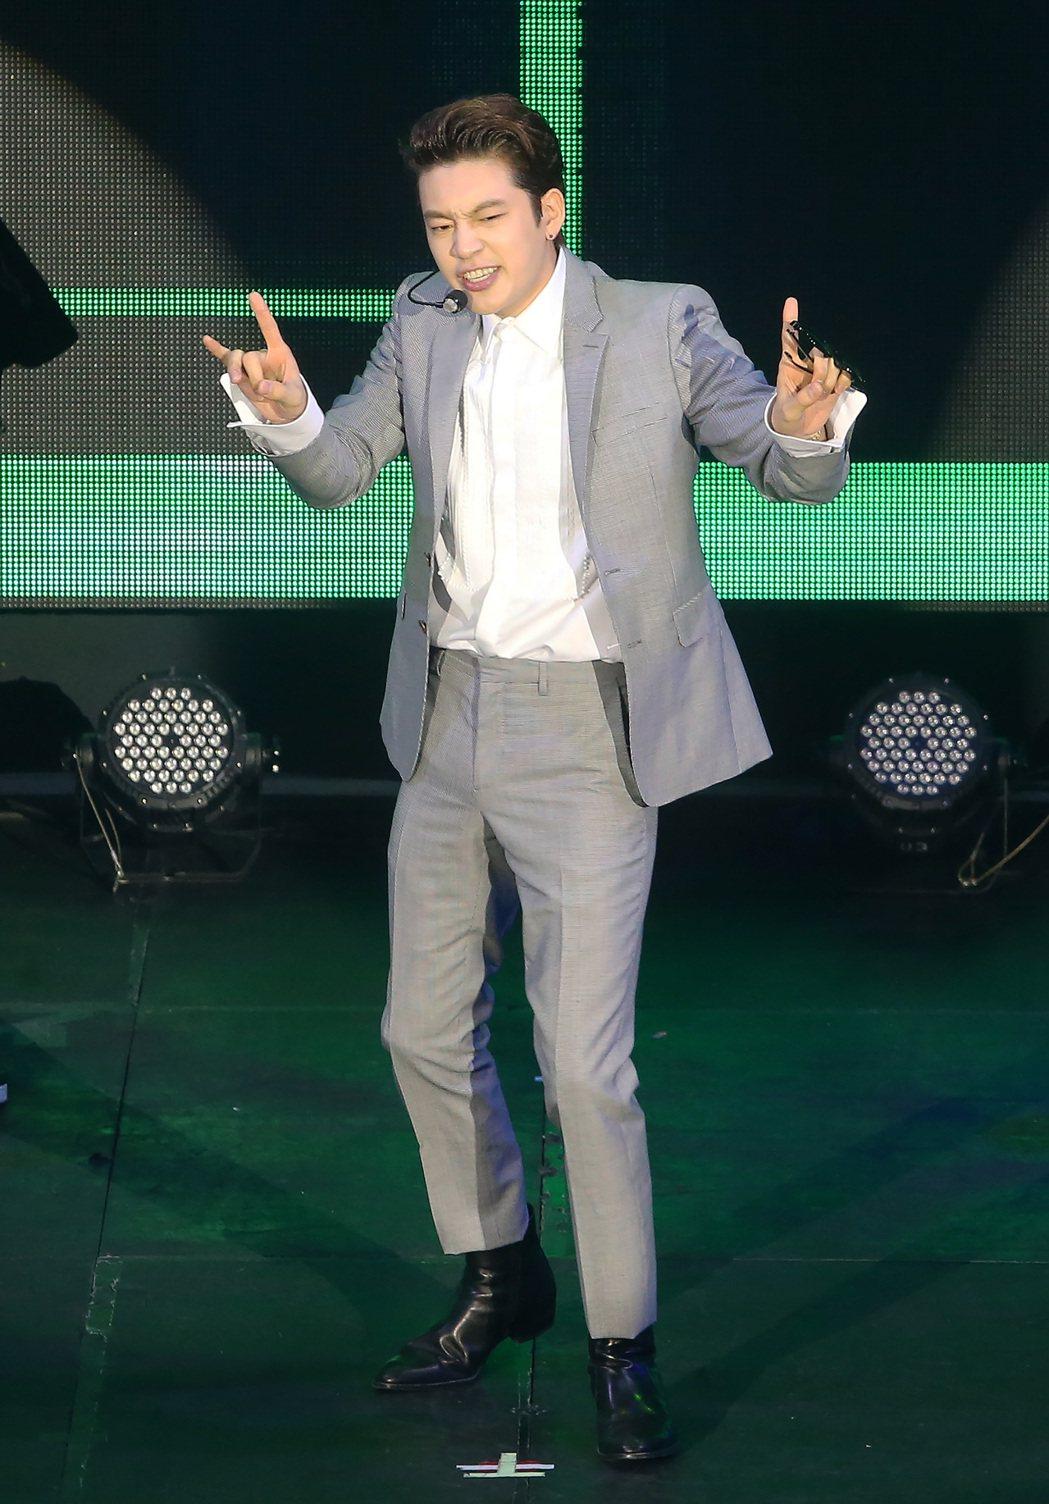 韓星SE7EN晚上舉行歌迷見面會。 聯合報系資料照片  記者胡經周/攝影